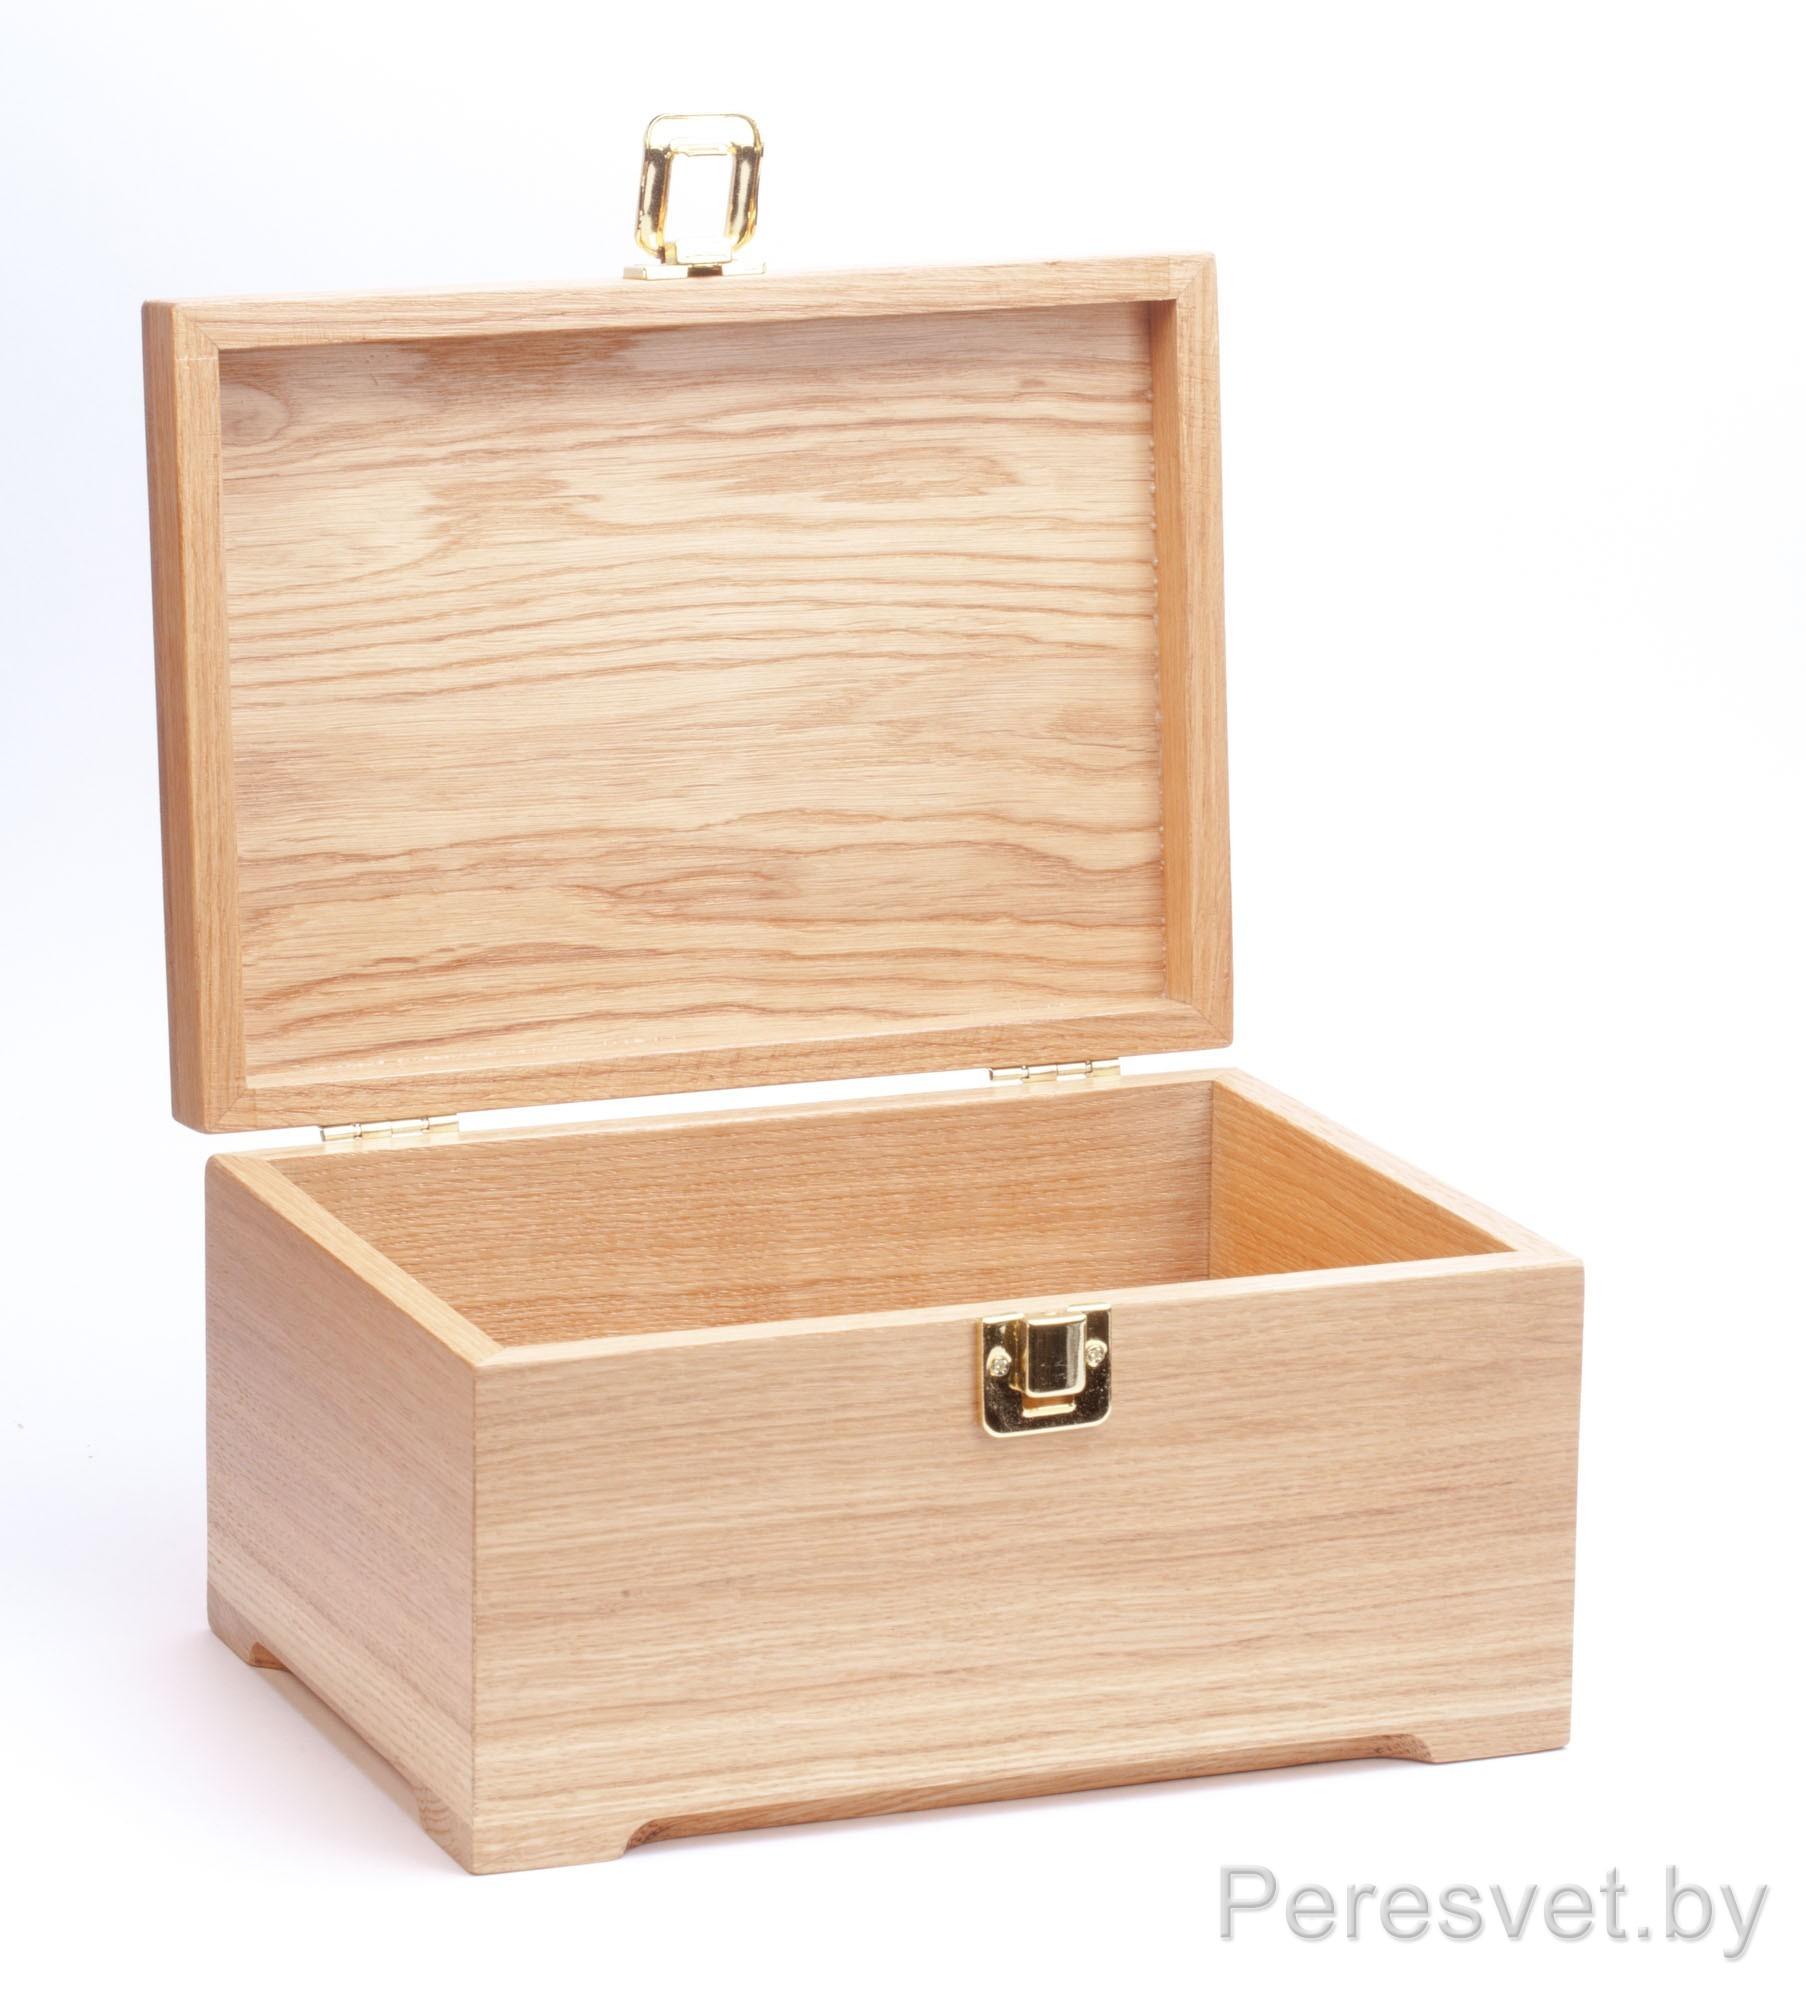 Деревянная упаковка Сундук с сокровищами Дуб на peresvet.by